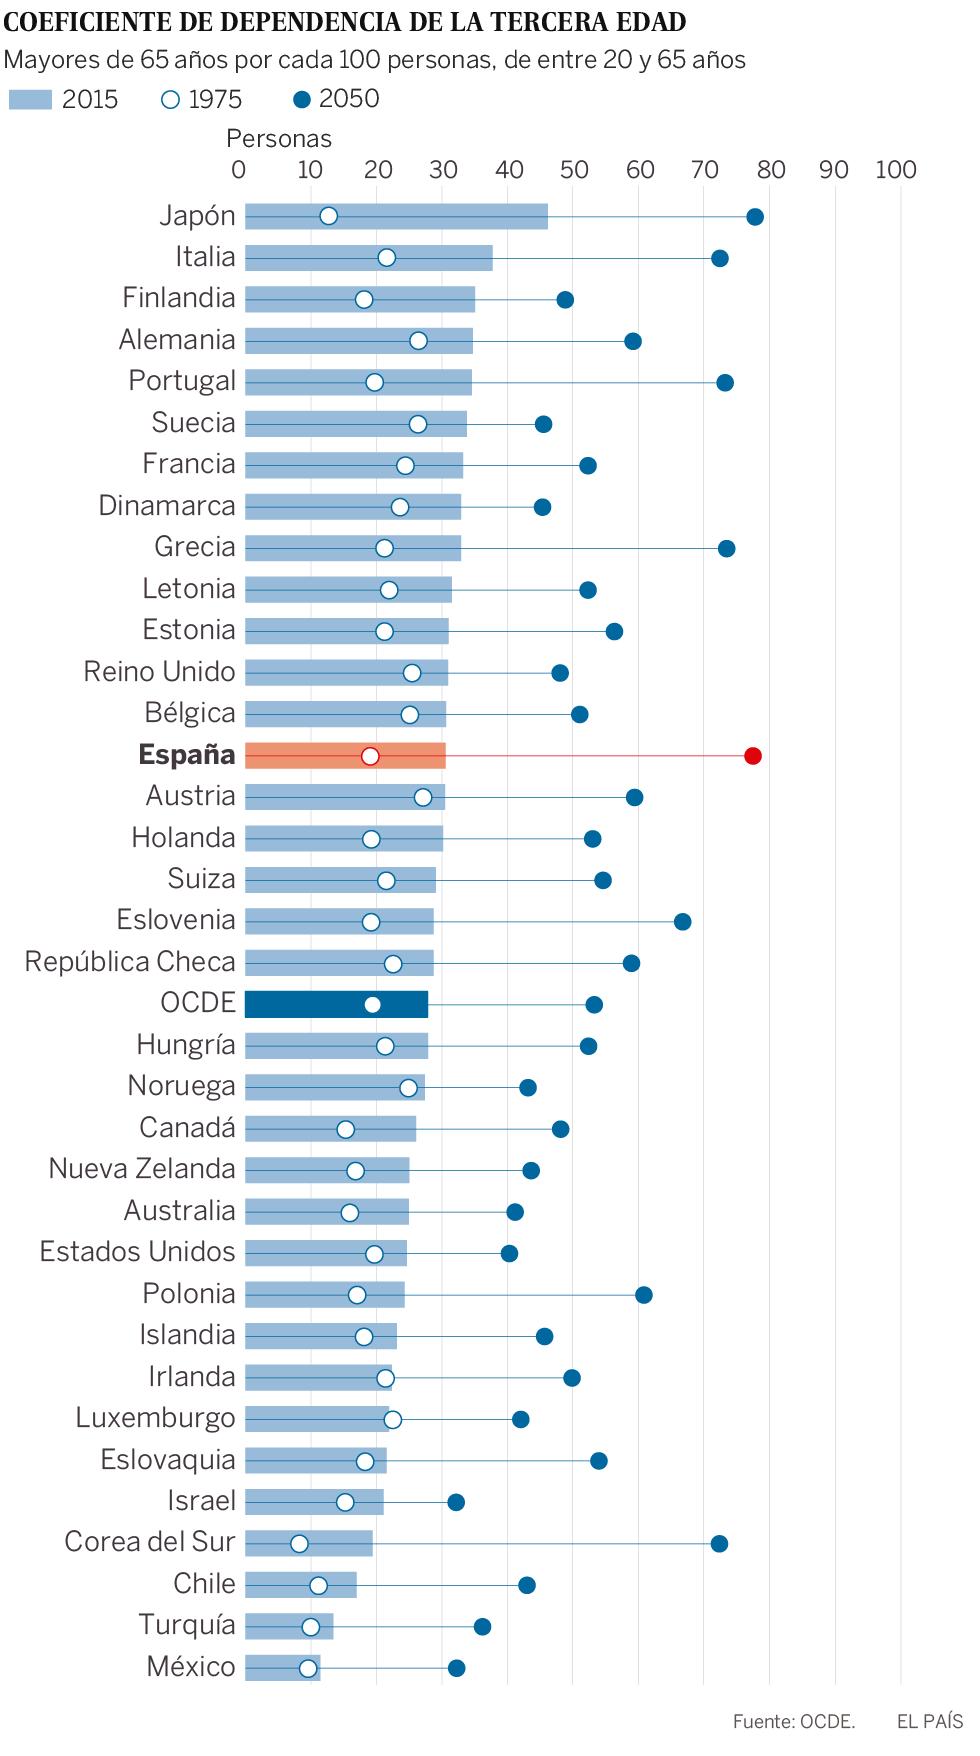 España en 2050: habrá 76 jubilados por cada 100 habitantes en edad de trabajar